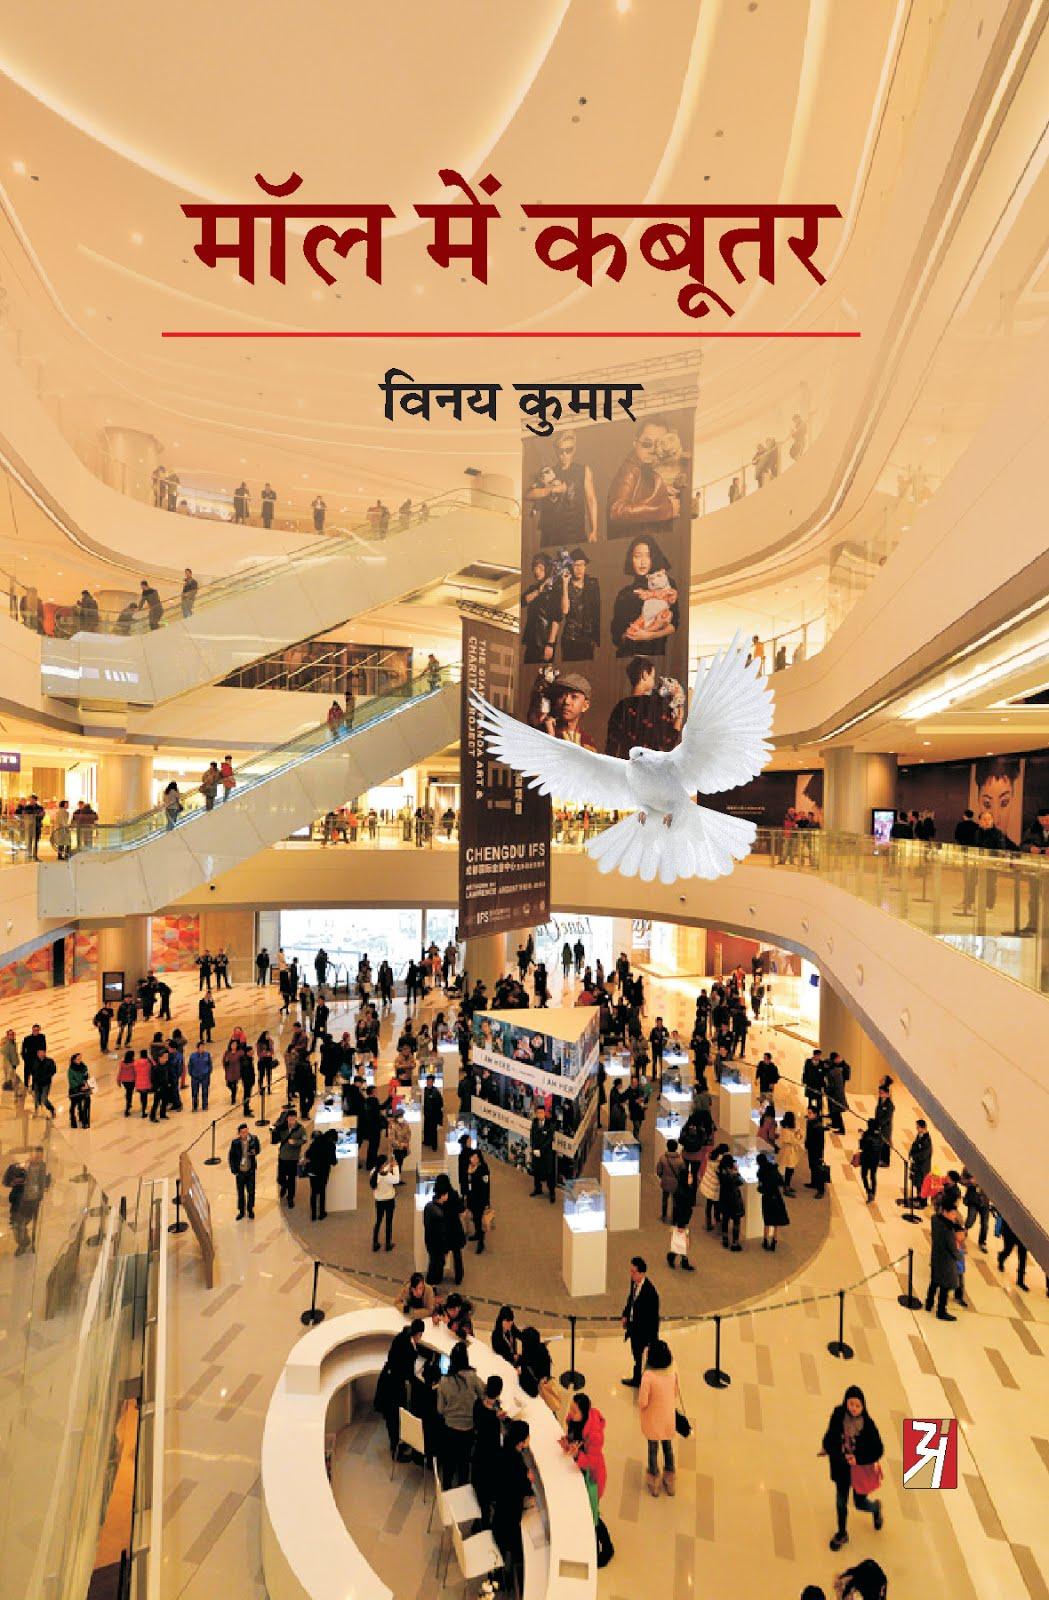 मॉल में कबूतर : विनय कुमार